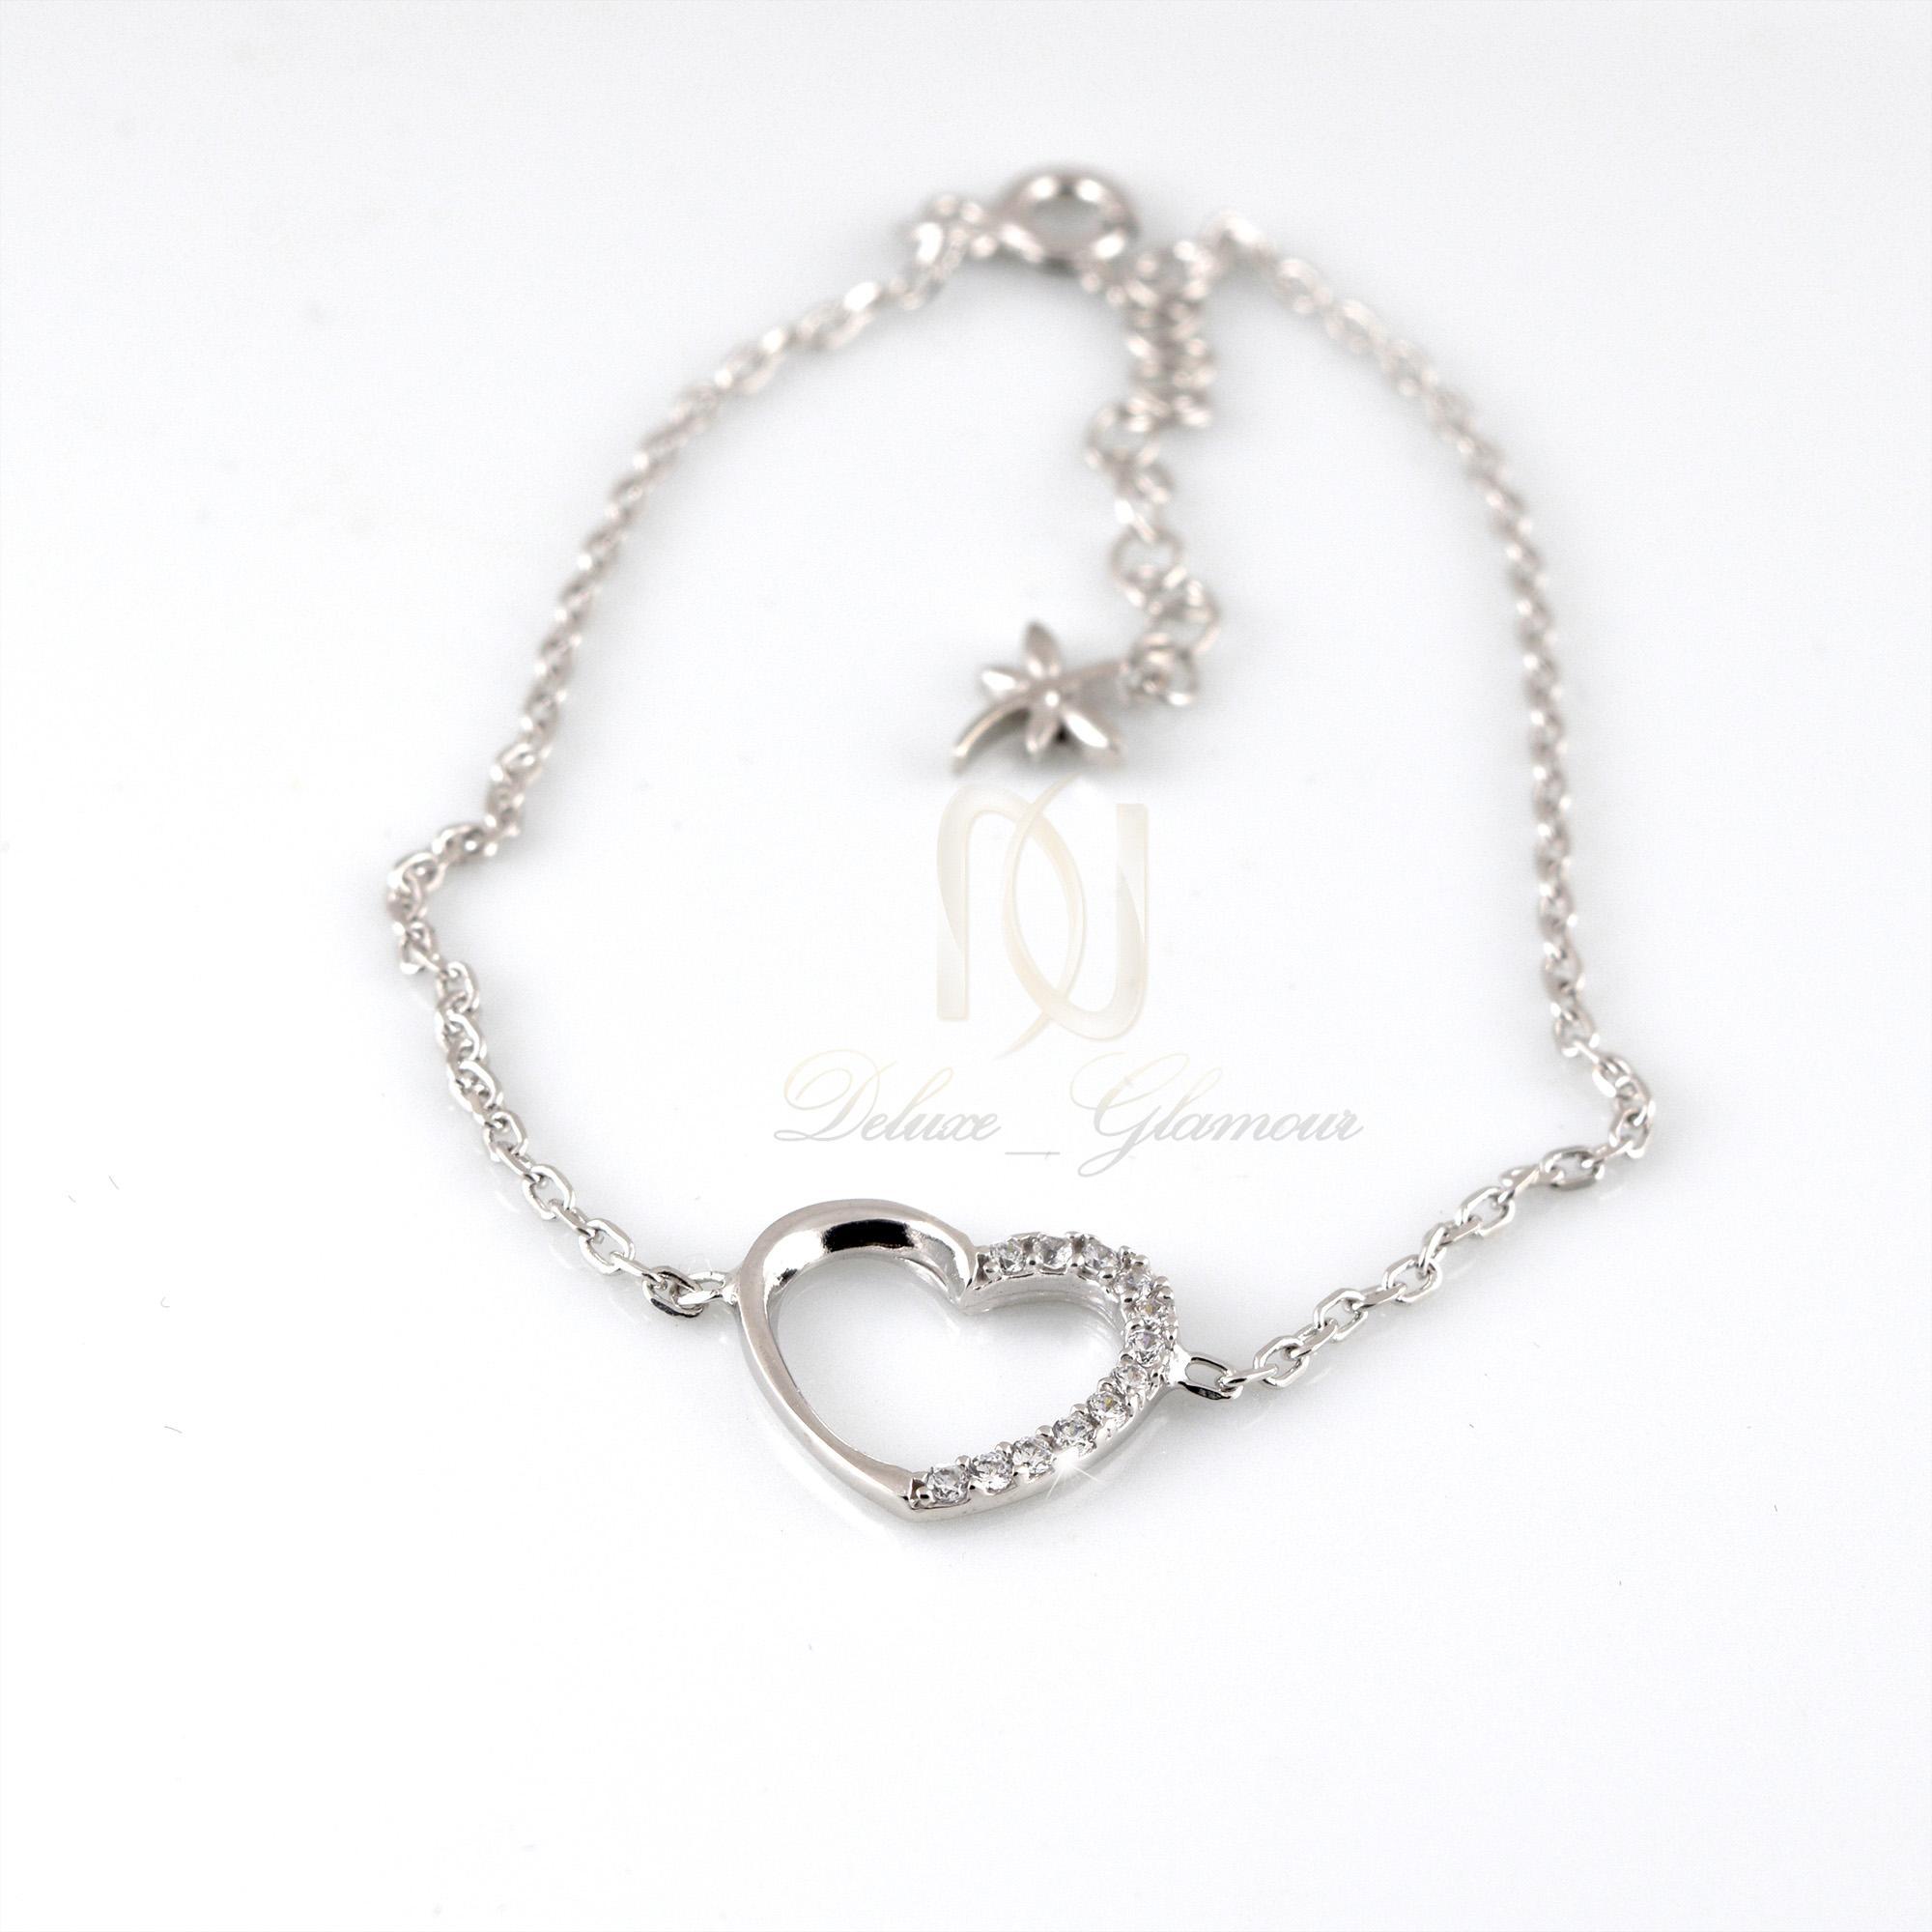 دستبند نقره دخترانه طرح قلب ds-n309 از نماي سفيد